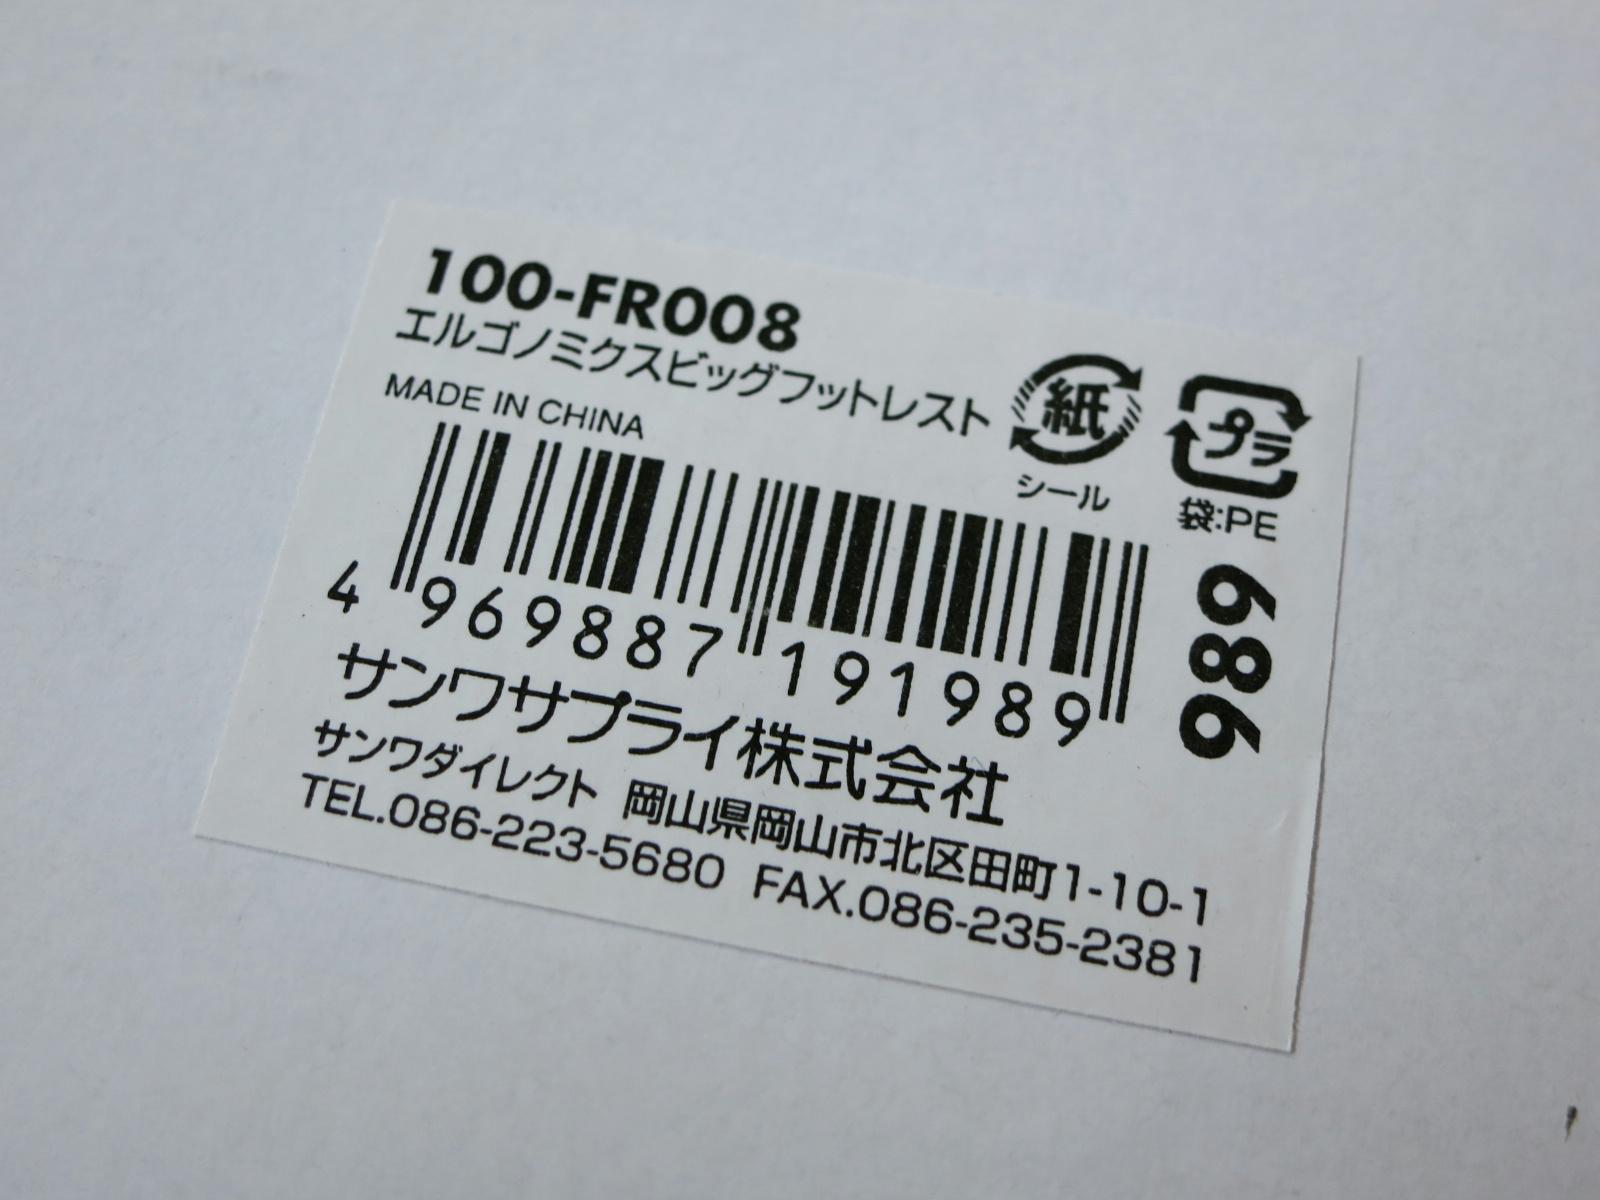 100-FR008_04.jpg